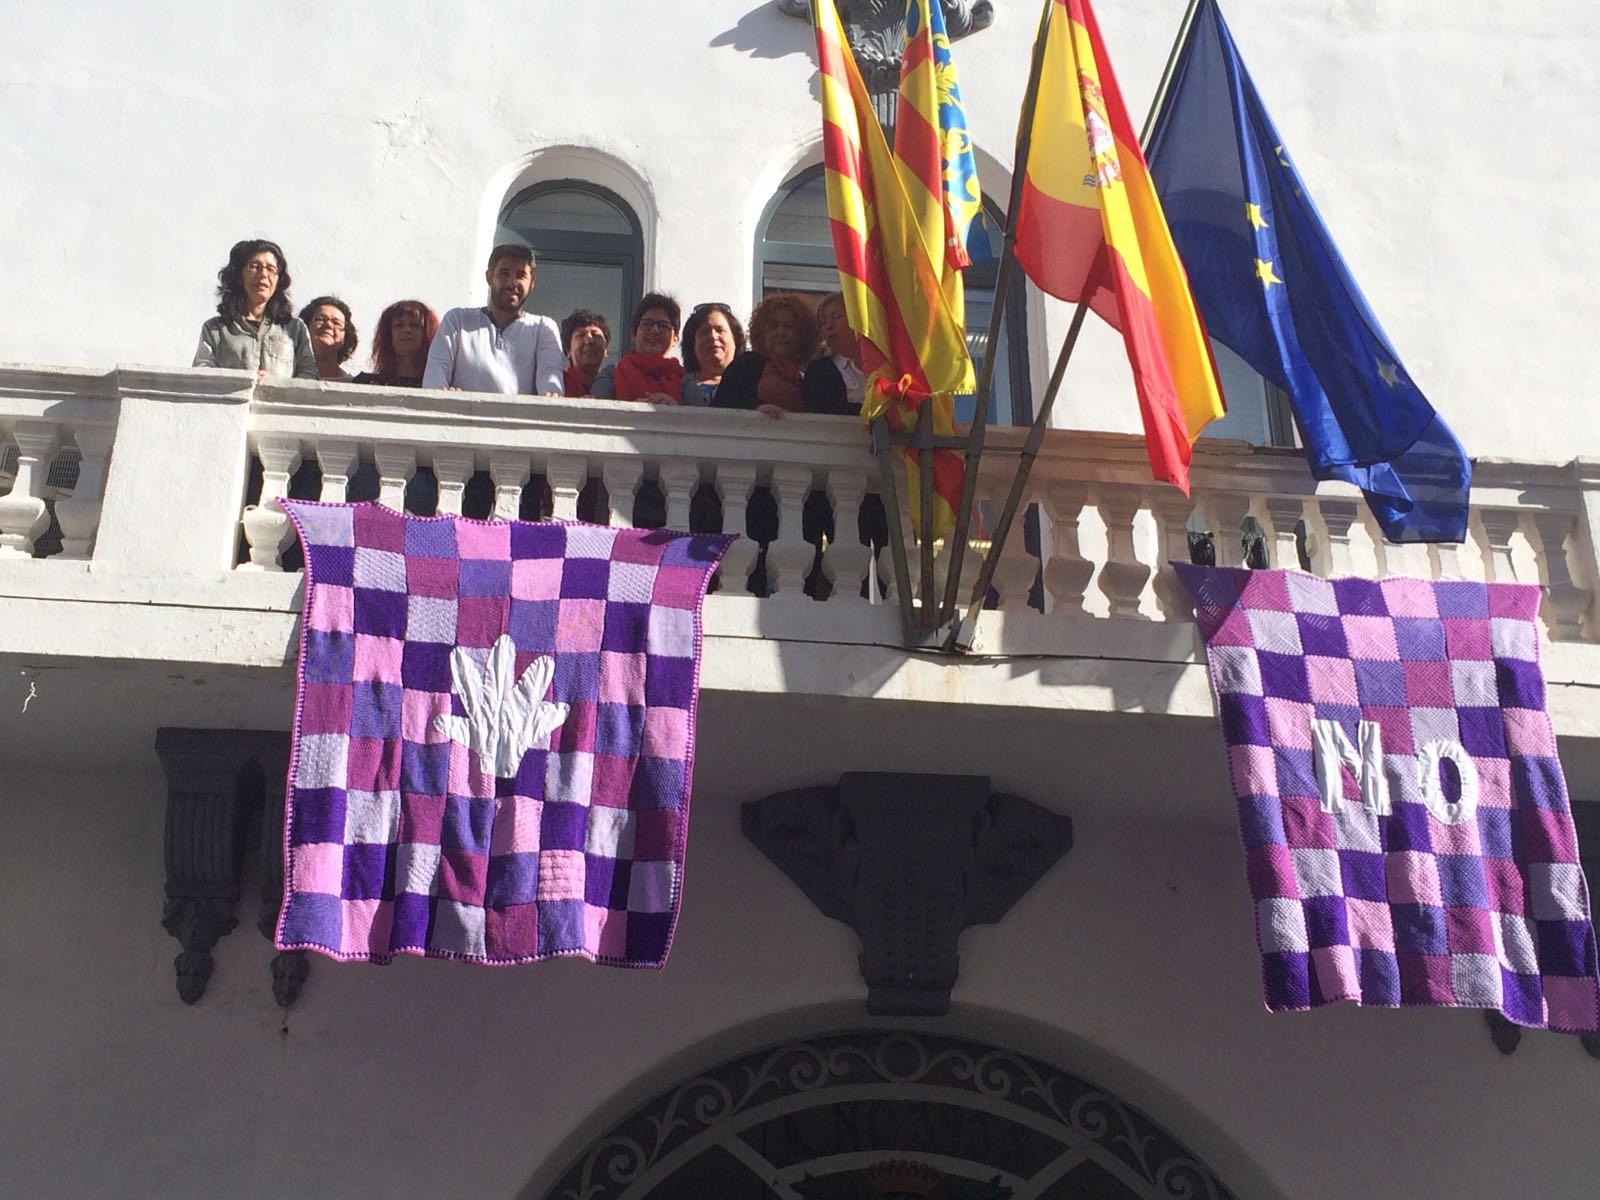 El Ayuntamiento de Buñol ha dedicado todo el mes de noviembre a realizar actos contra la violencia de género, como colgar mantas de ganchillo en la casa consistorial.